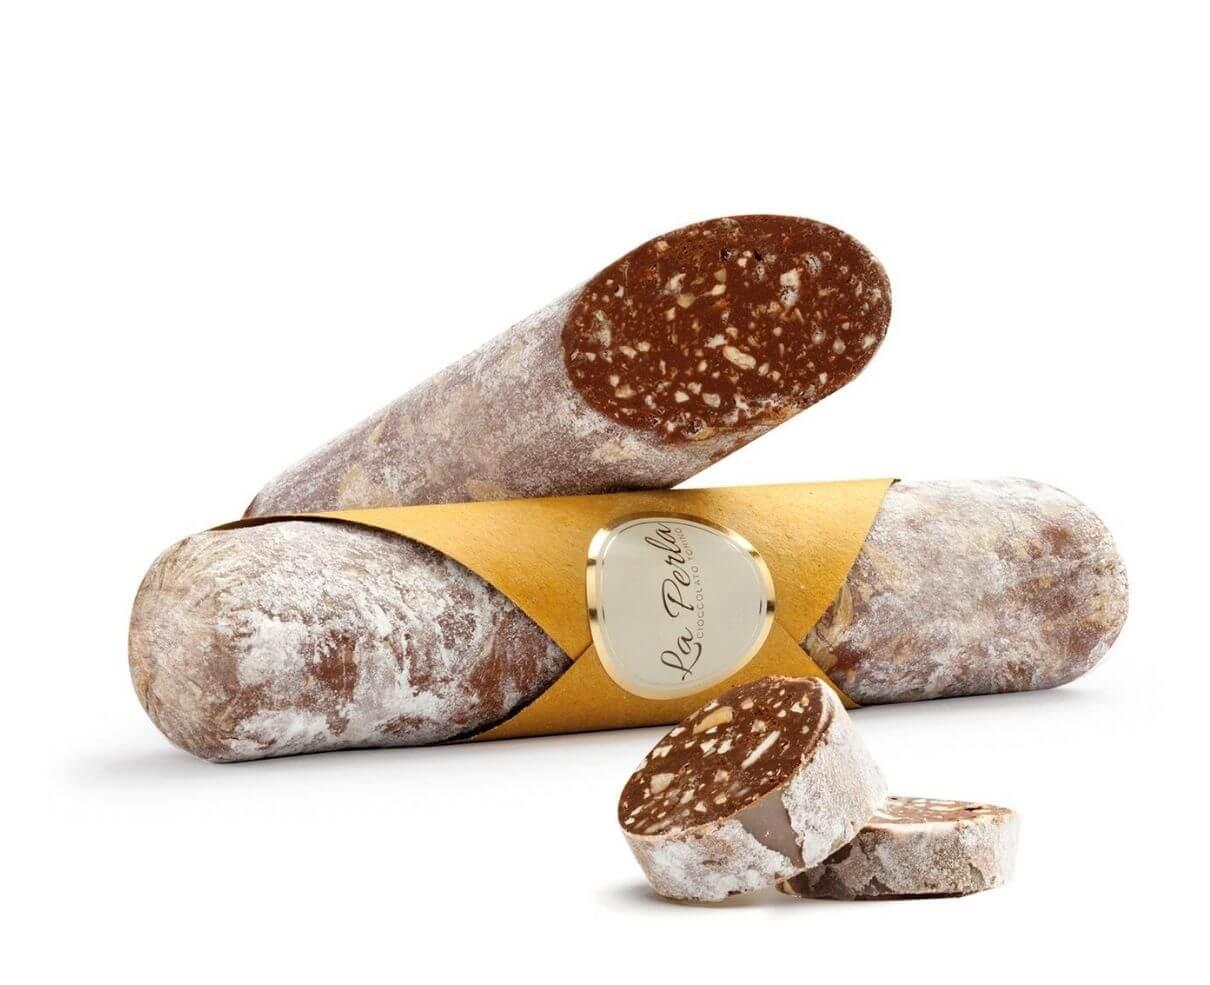 Salame di tartufo al cioccolato e nocciole pralinate La perla 120gr